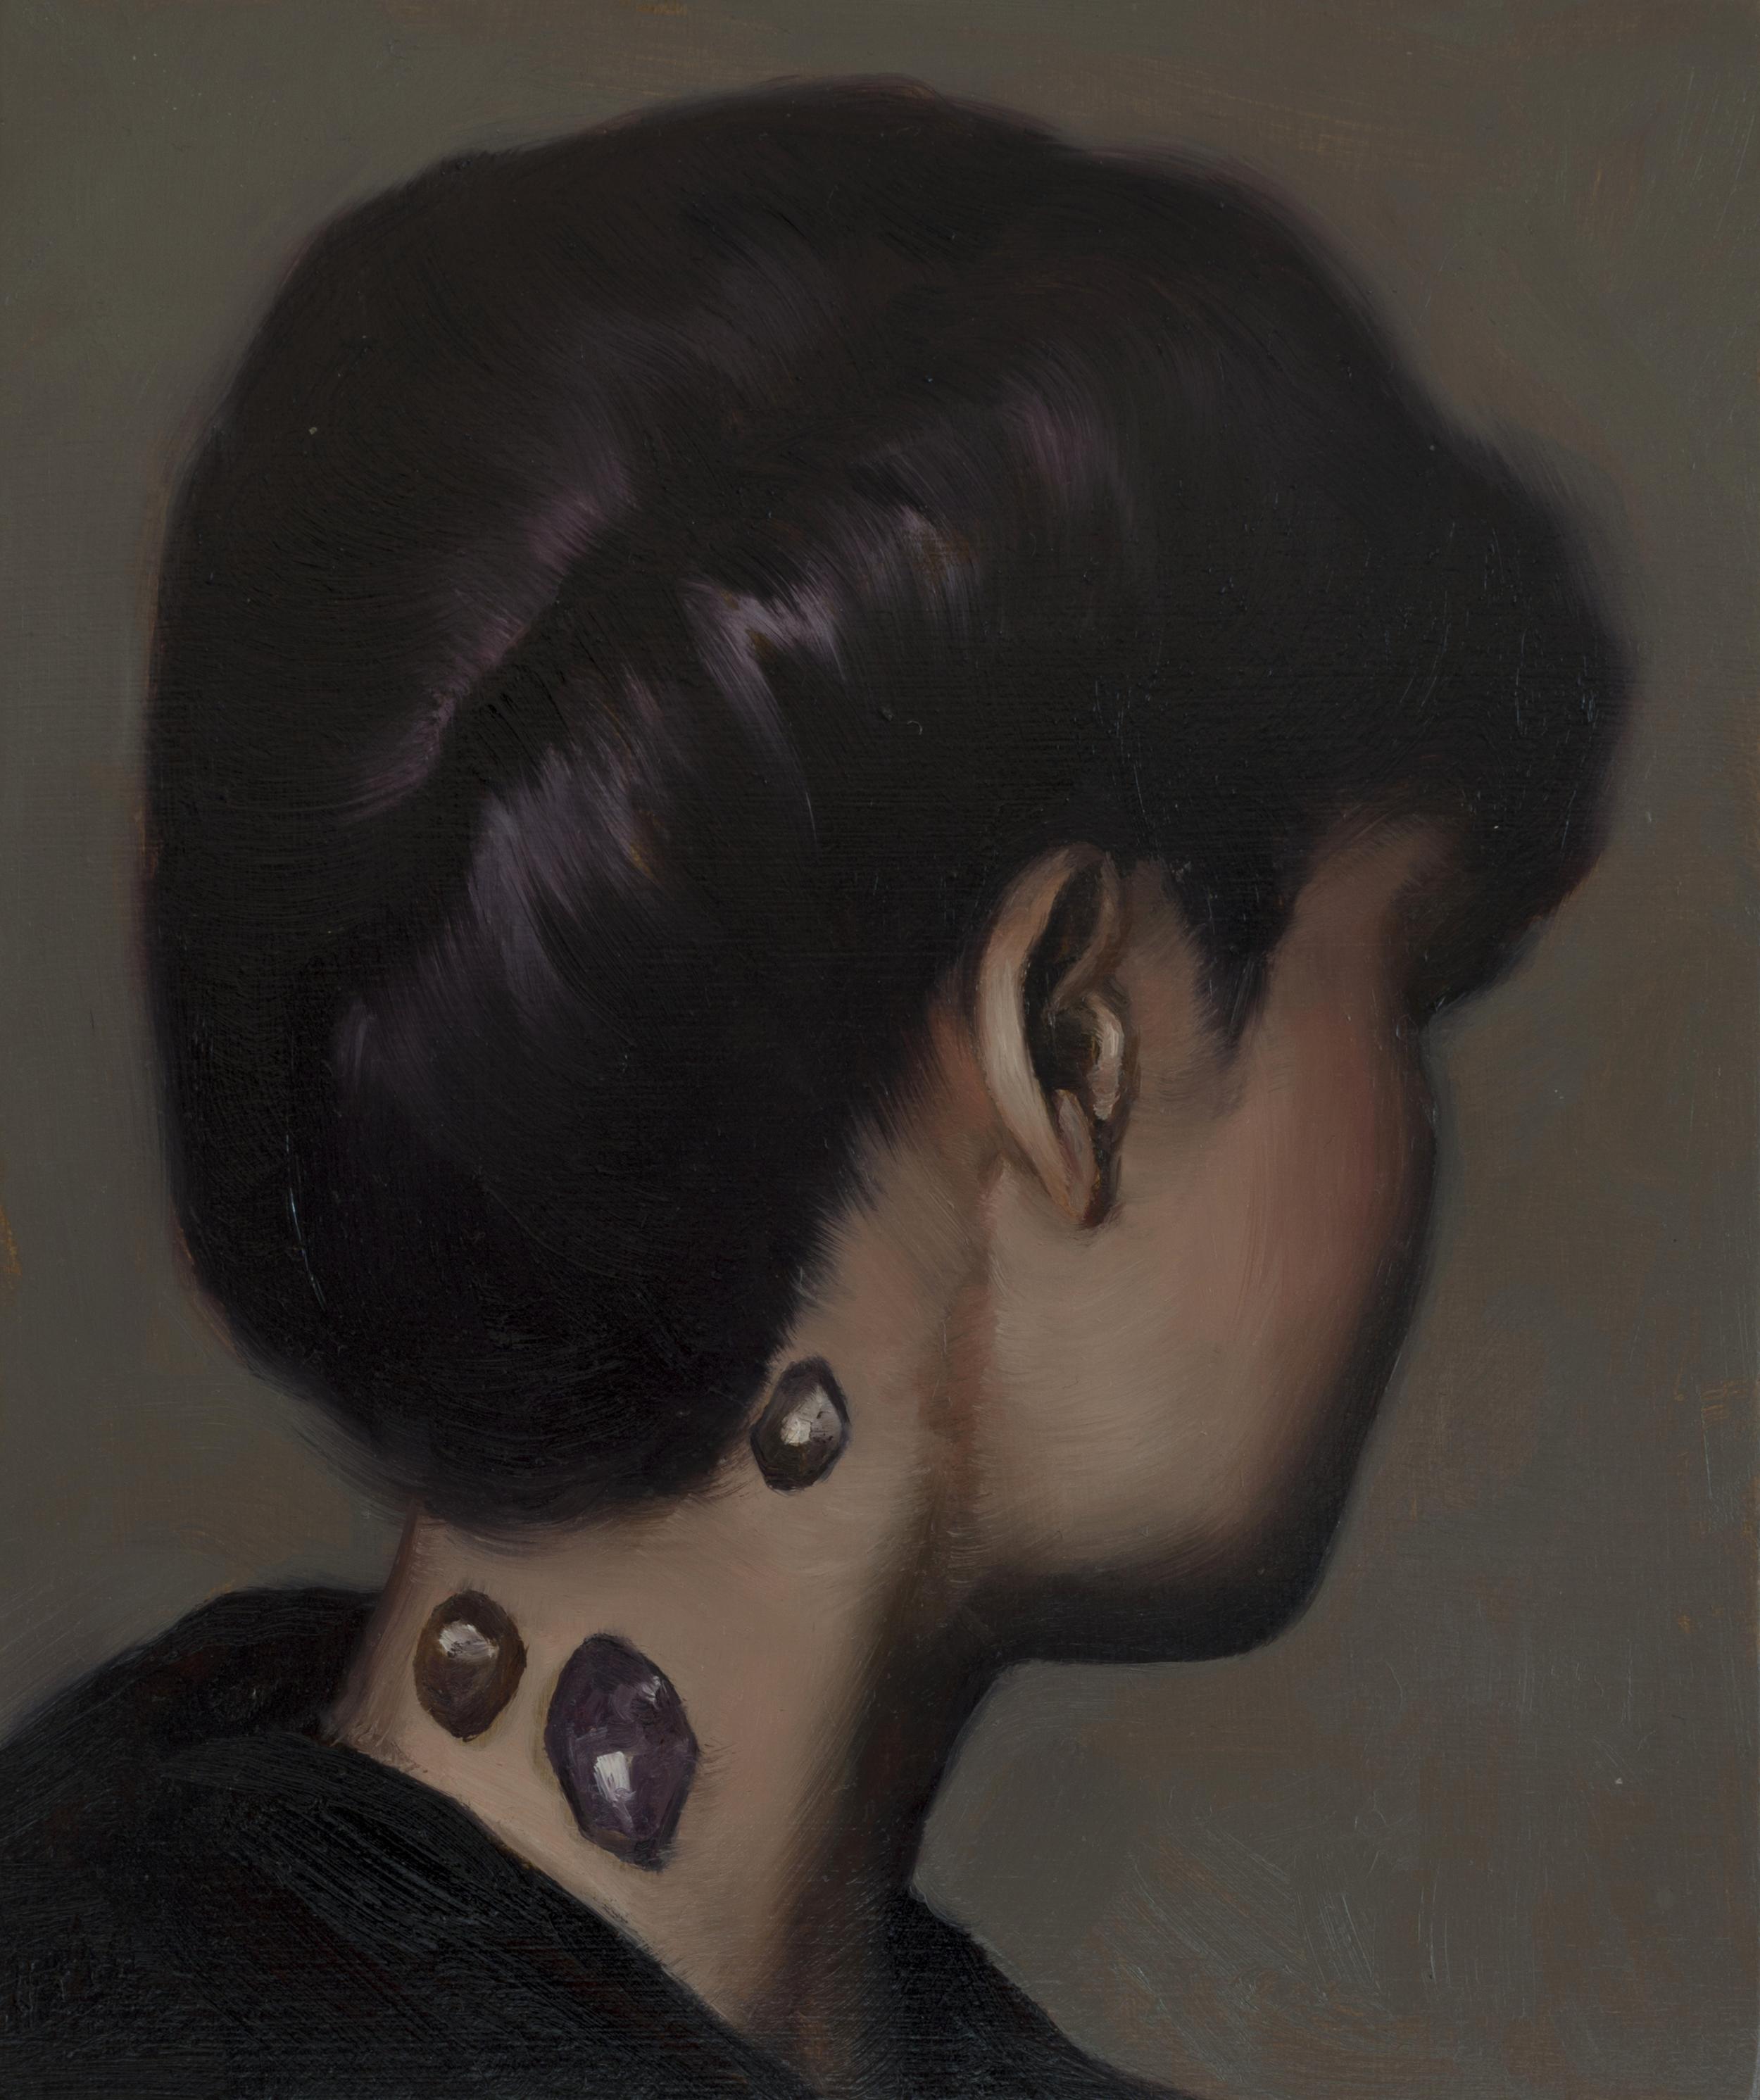 Heidi Yardley - Study for Healer#1, 2011, oil on board, 18 x 10cm